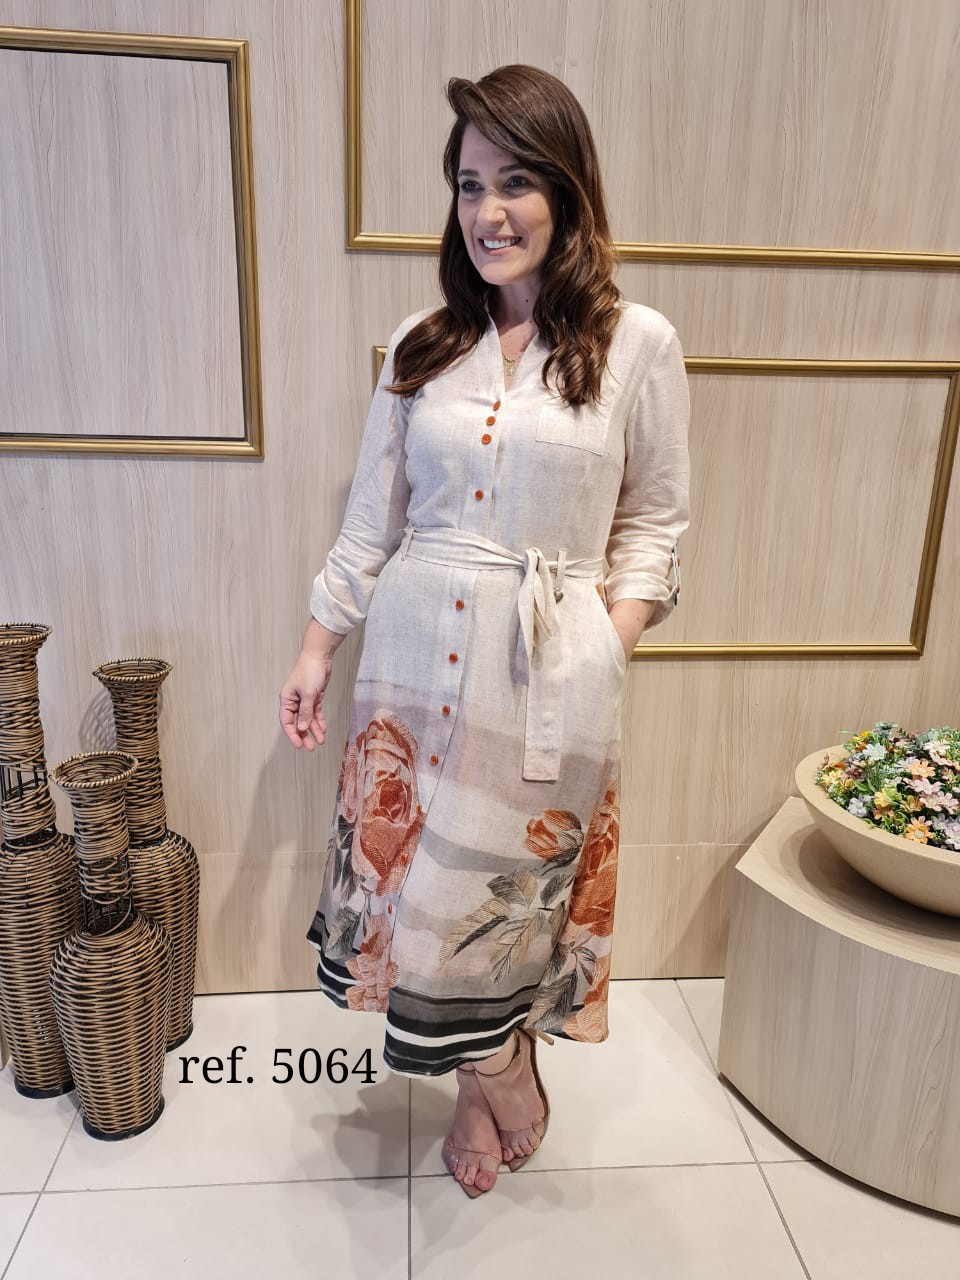 Vestido Em Viscose Pré Lavado - Moda Evangélica Cechiq (5064 T)